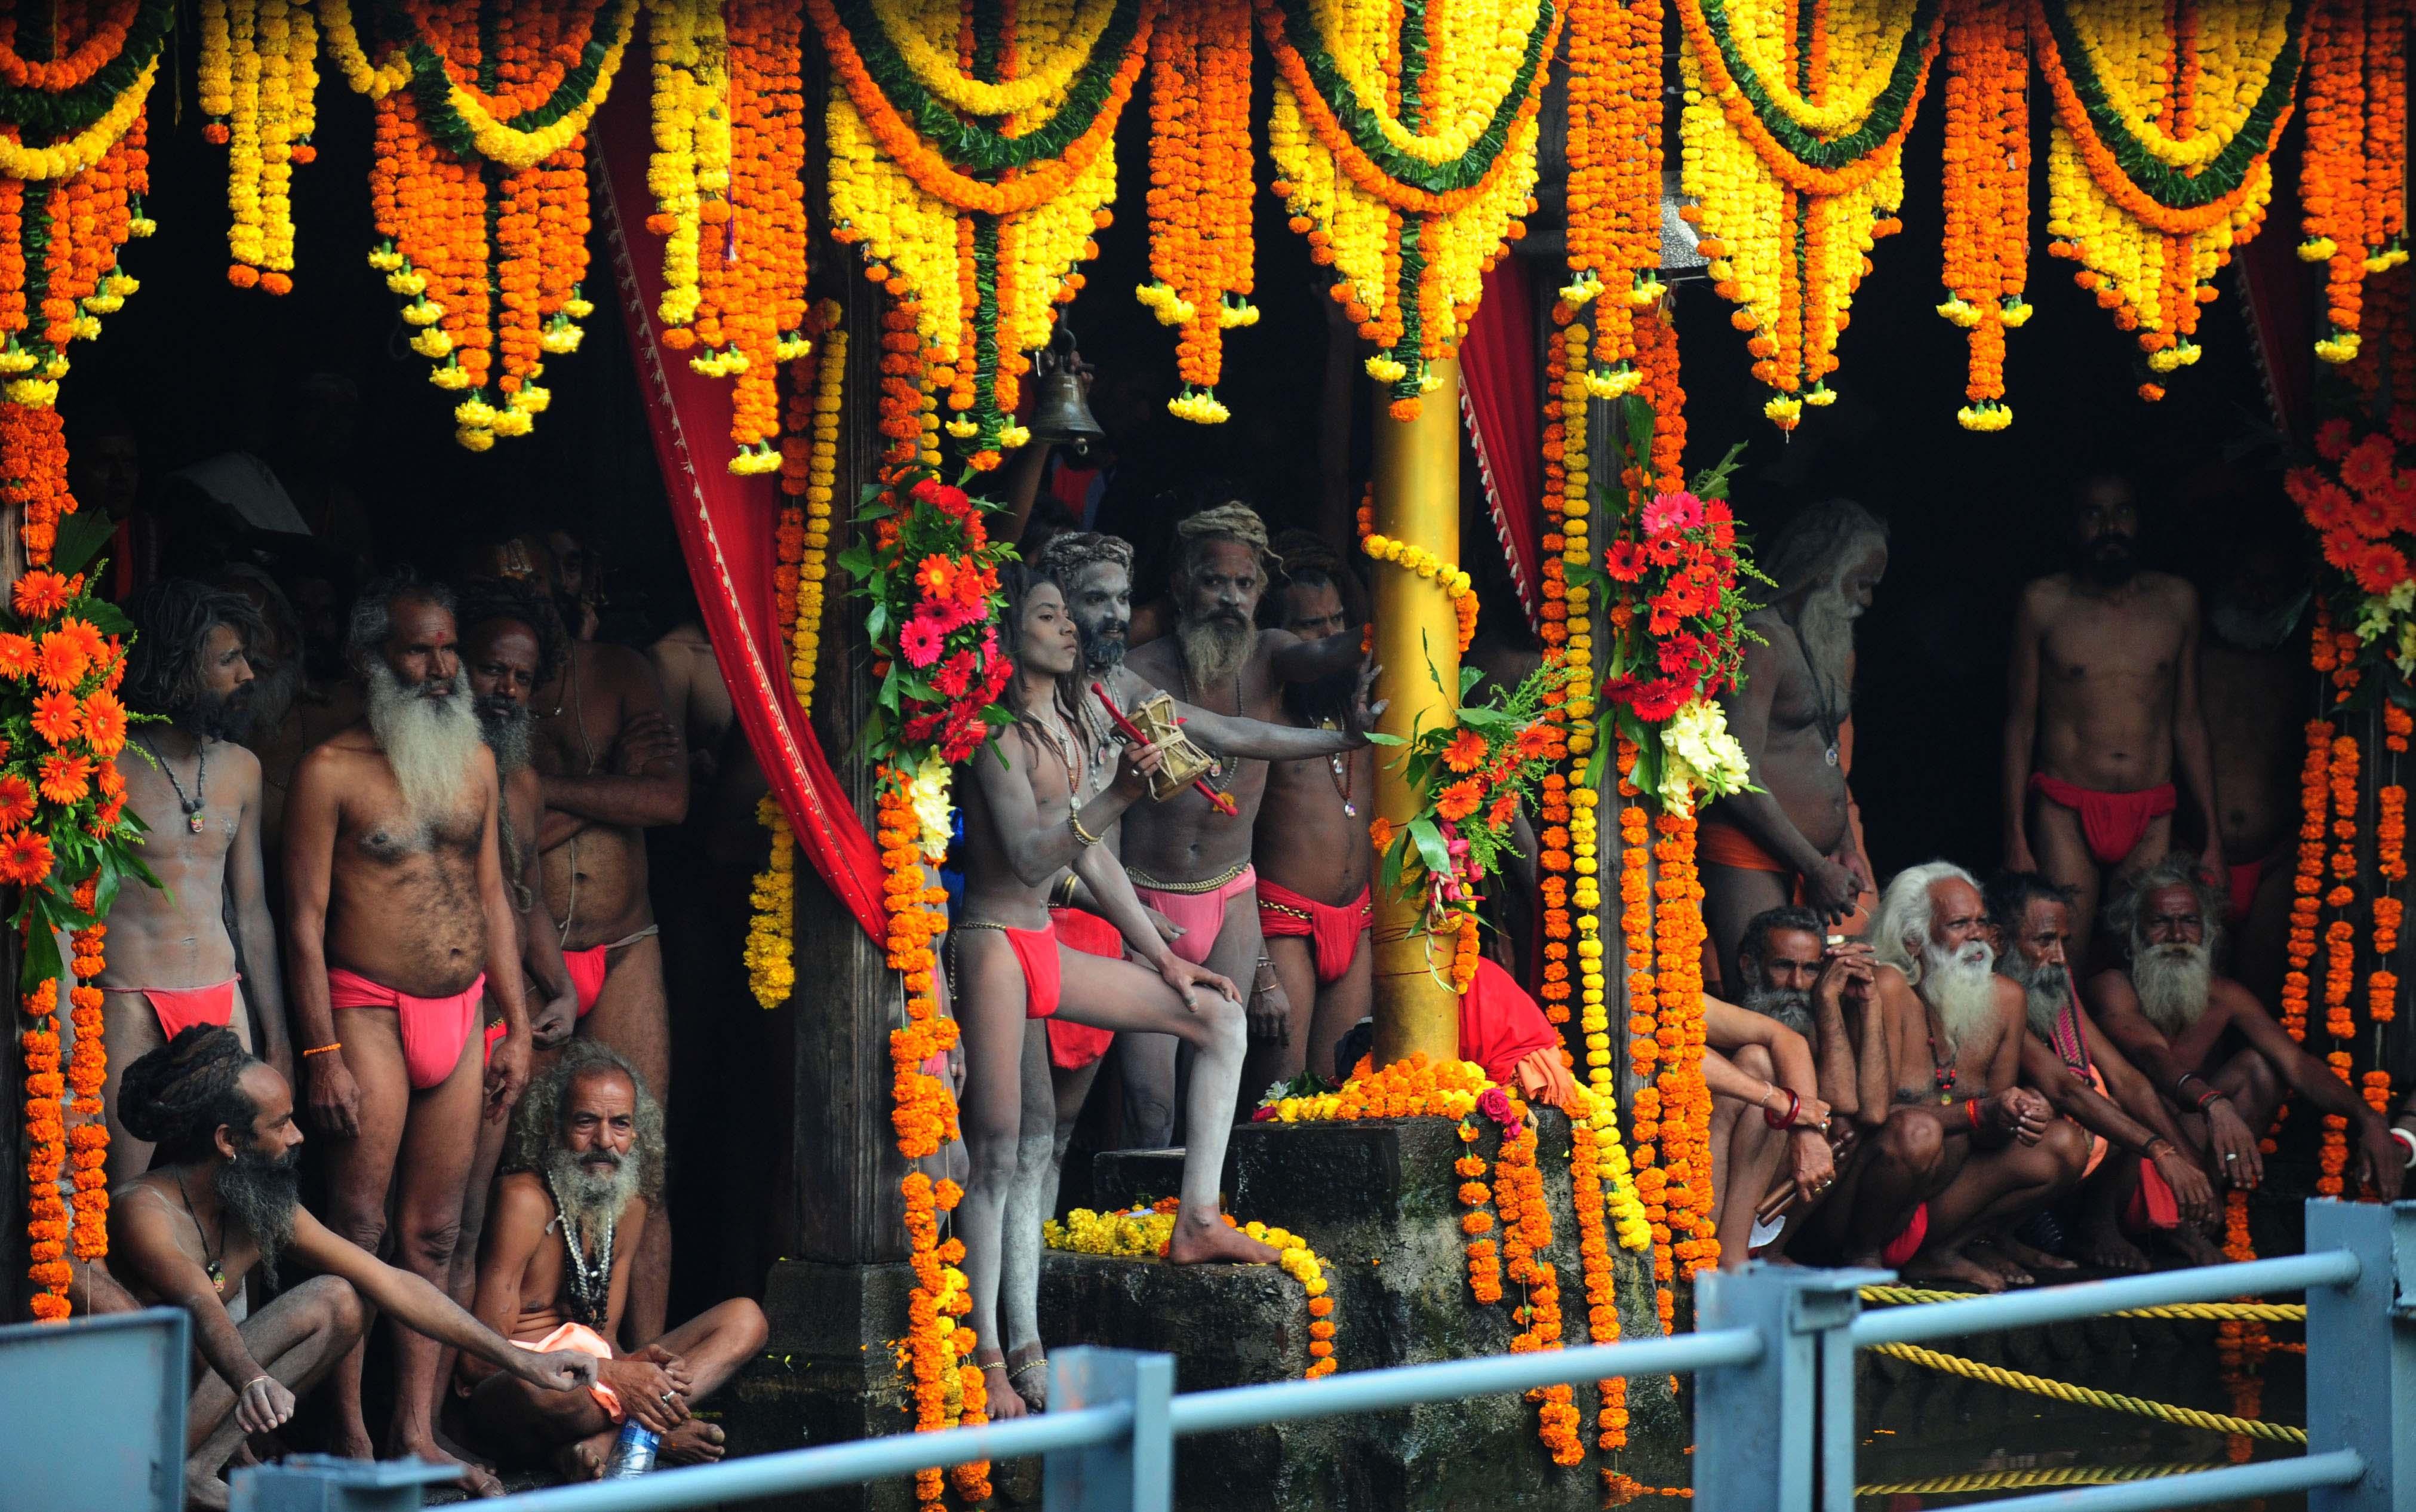 Sadhu's of 10 akharas take bath on auspicious day of Mauni Amavasya during the Maha Kumbh Mela in Nashik, India, on Sept. 13, 2015.